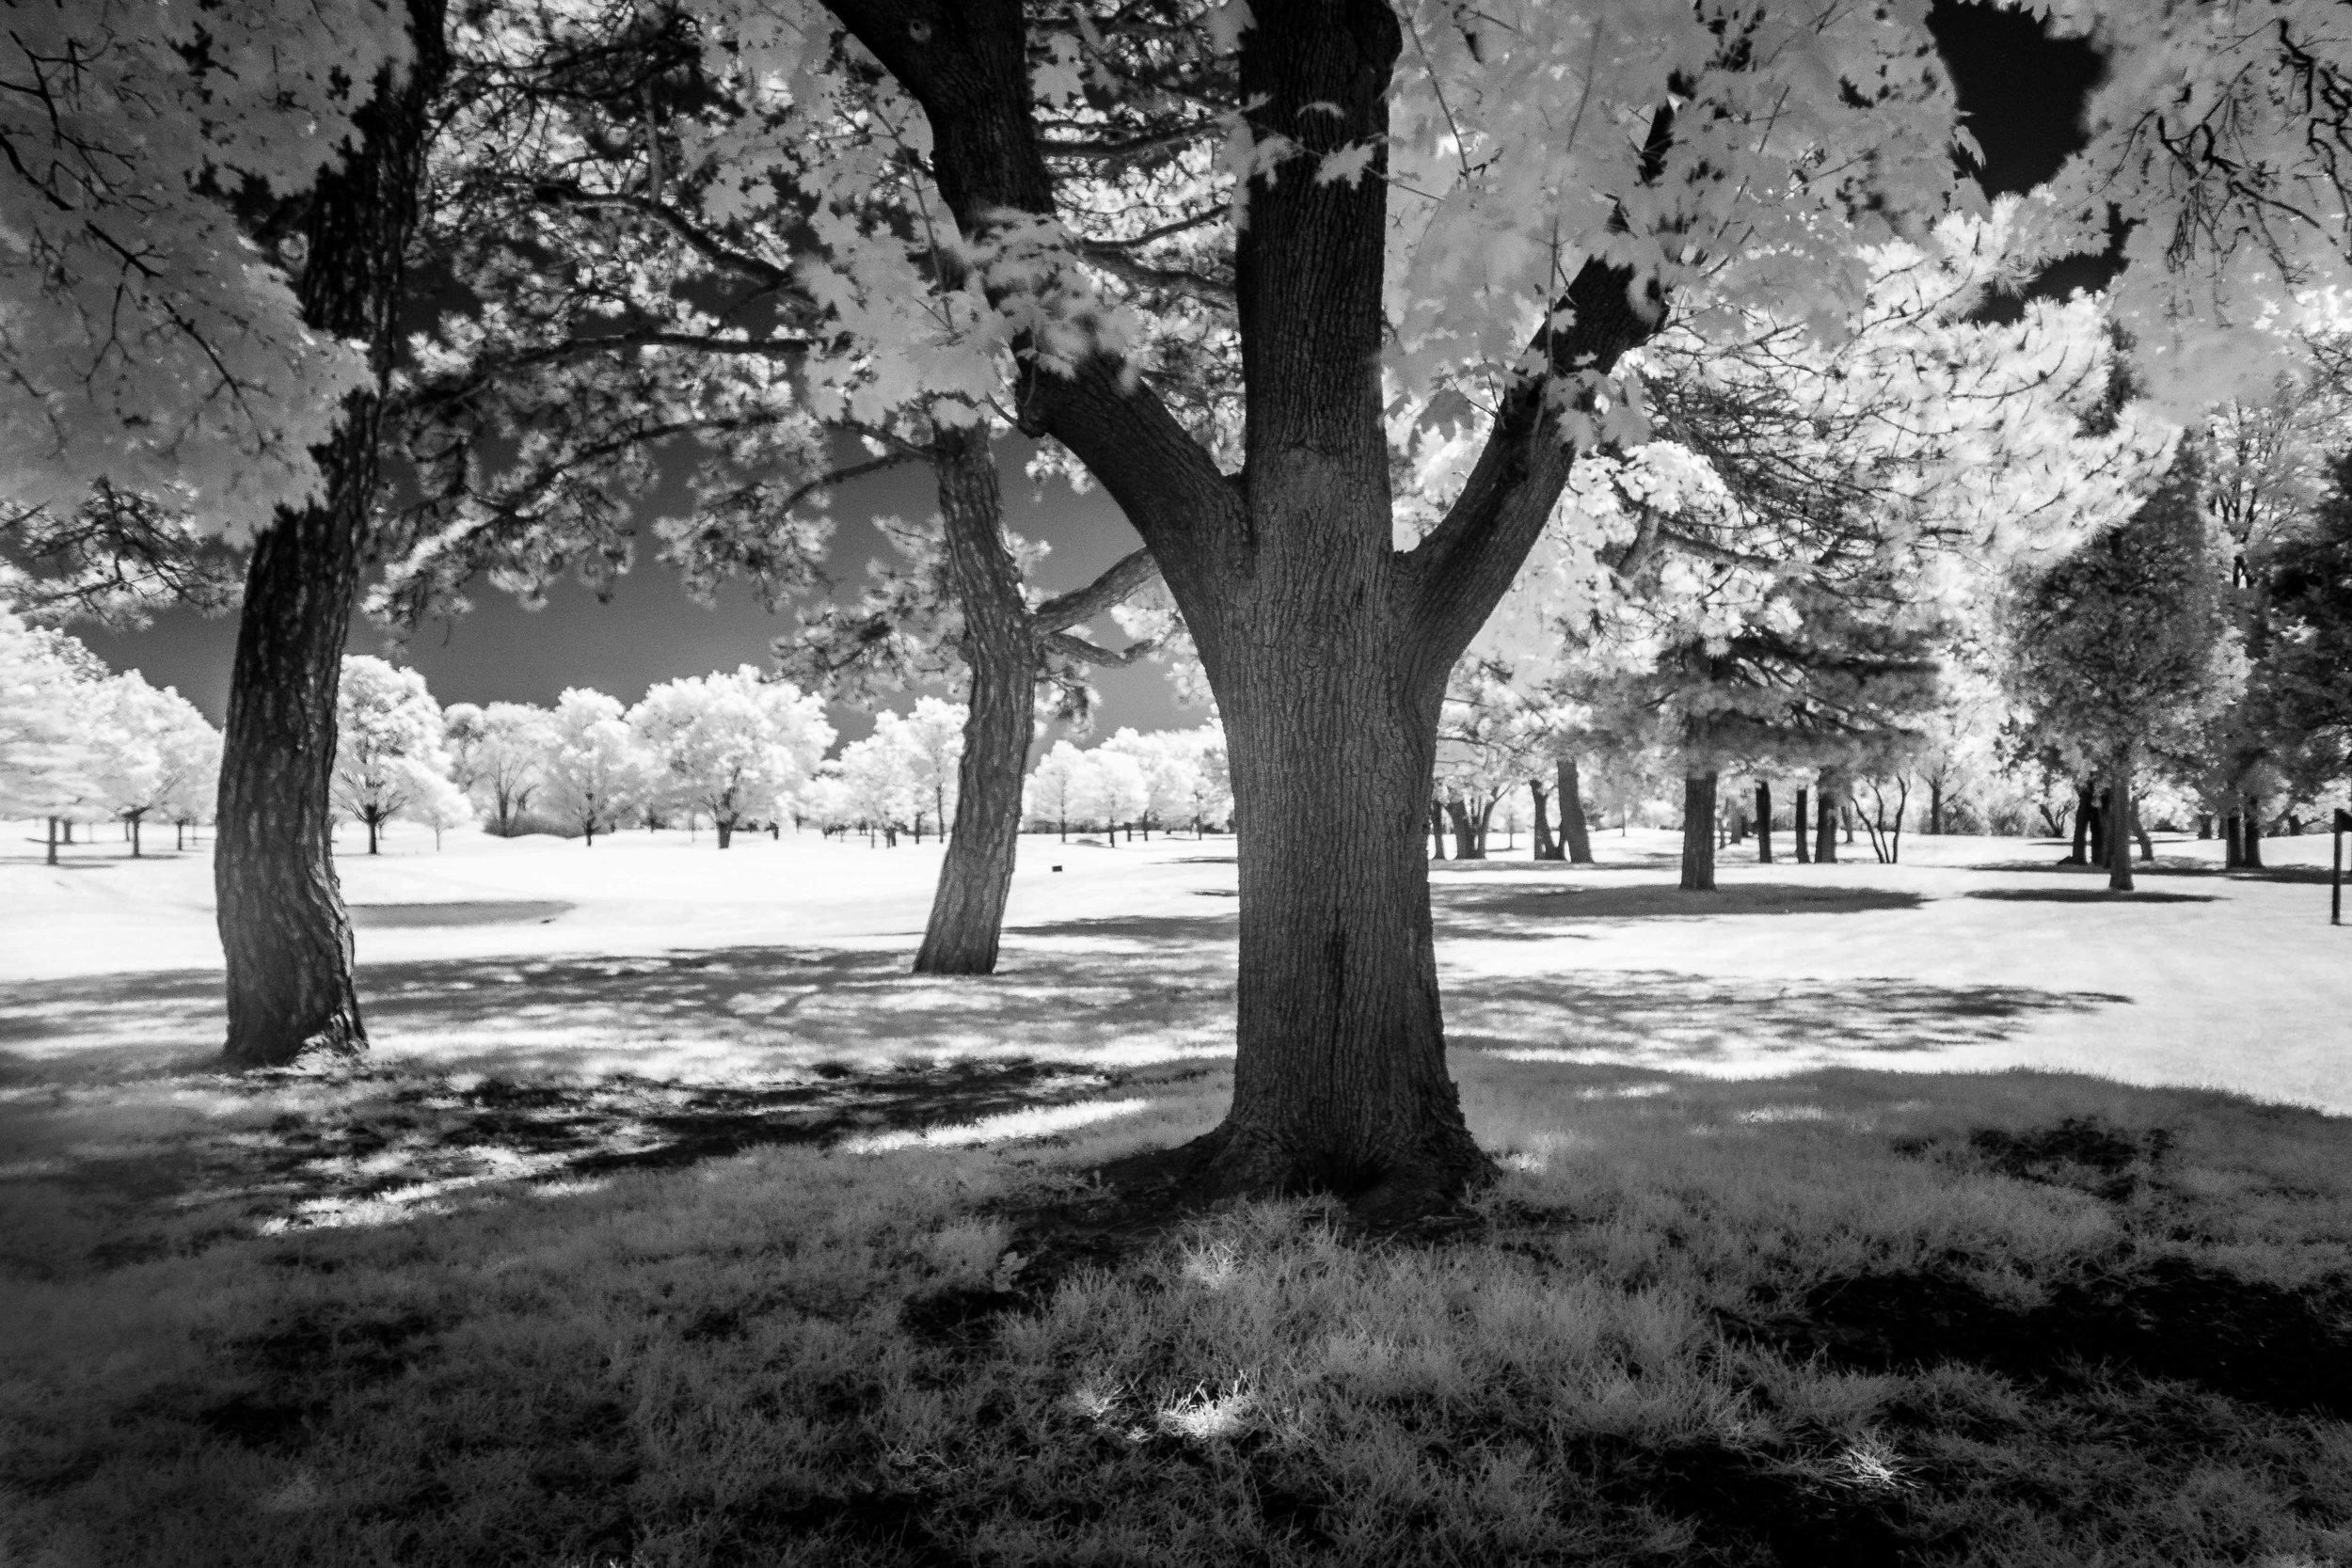 Porter_Photo_Infrared-8.jpg